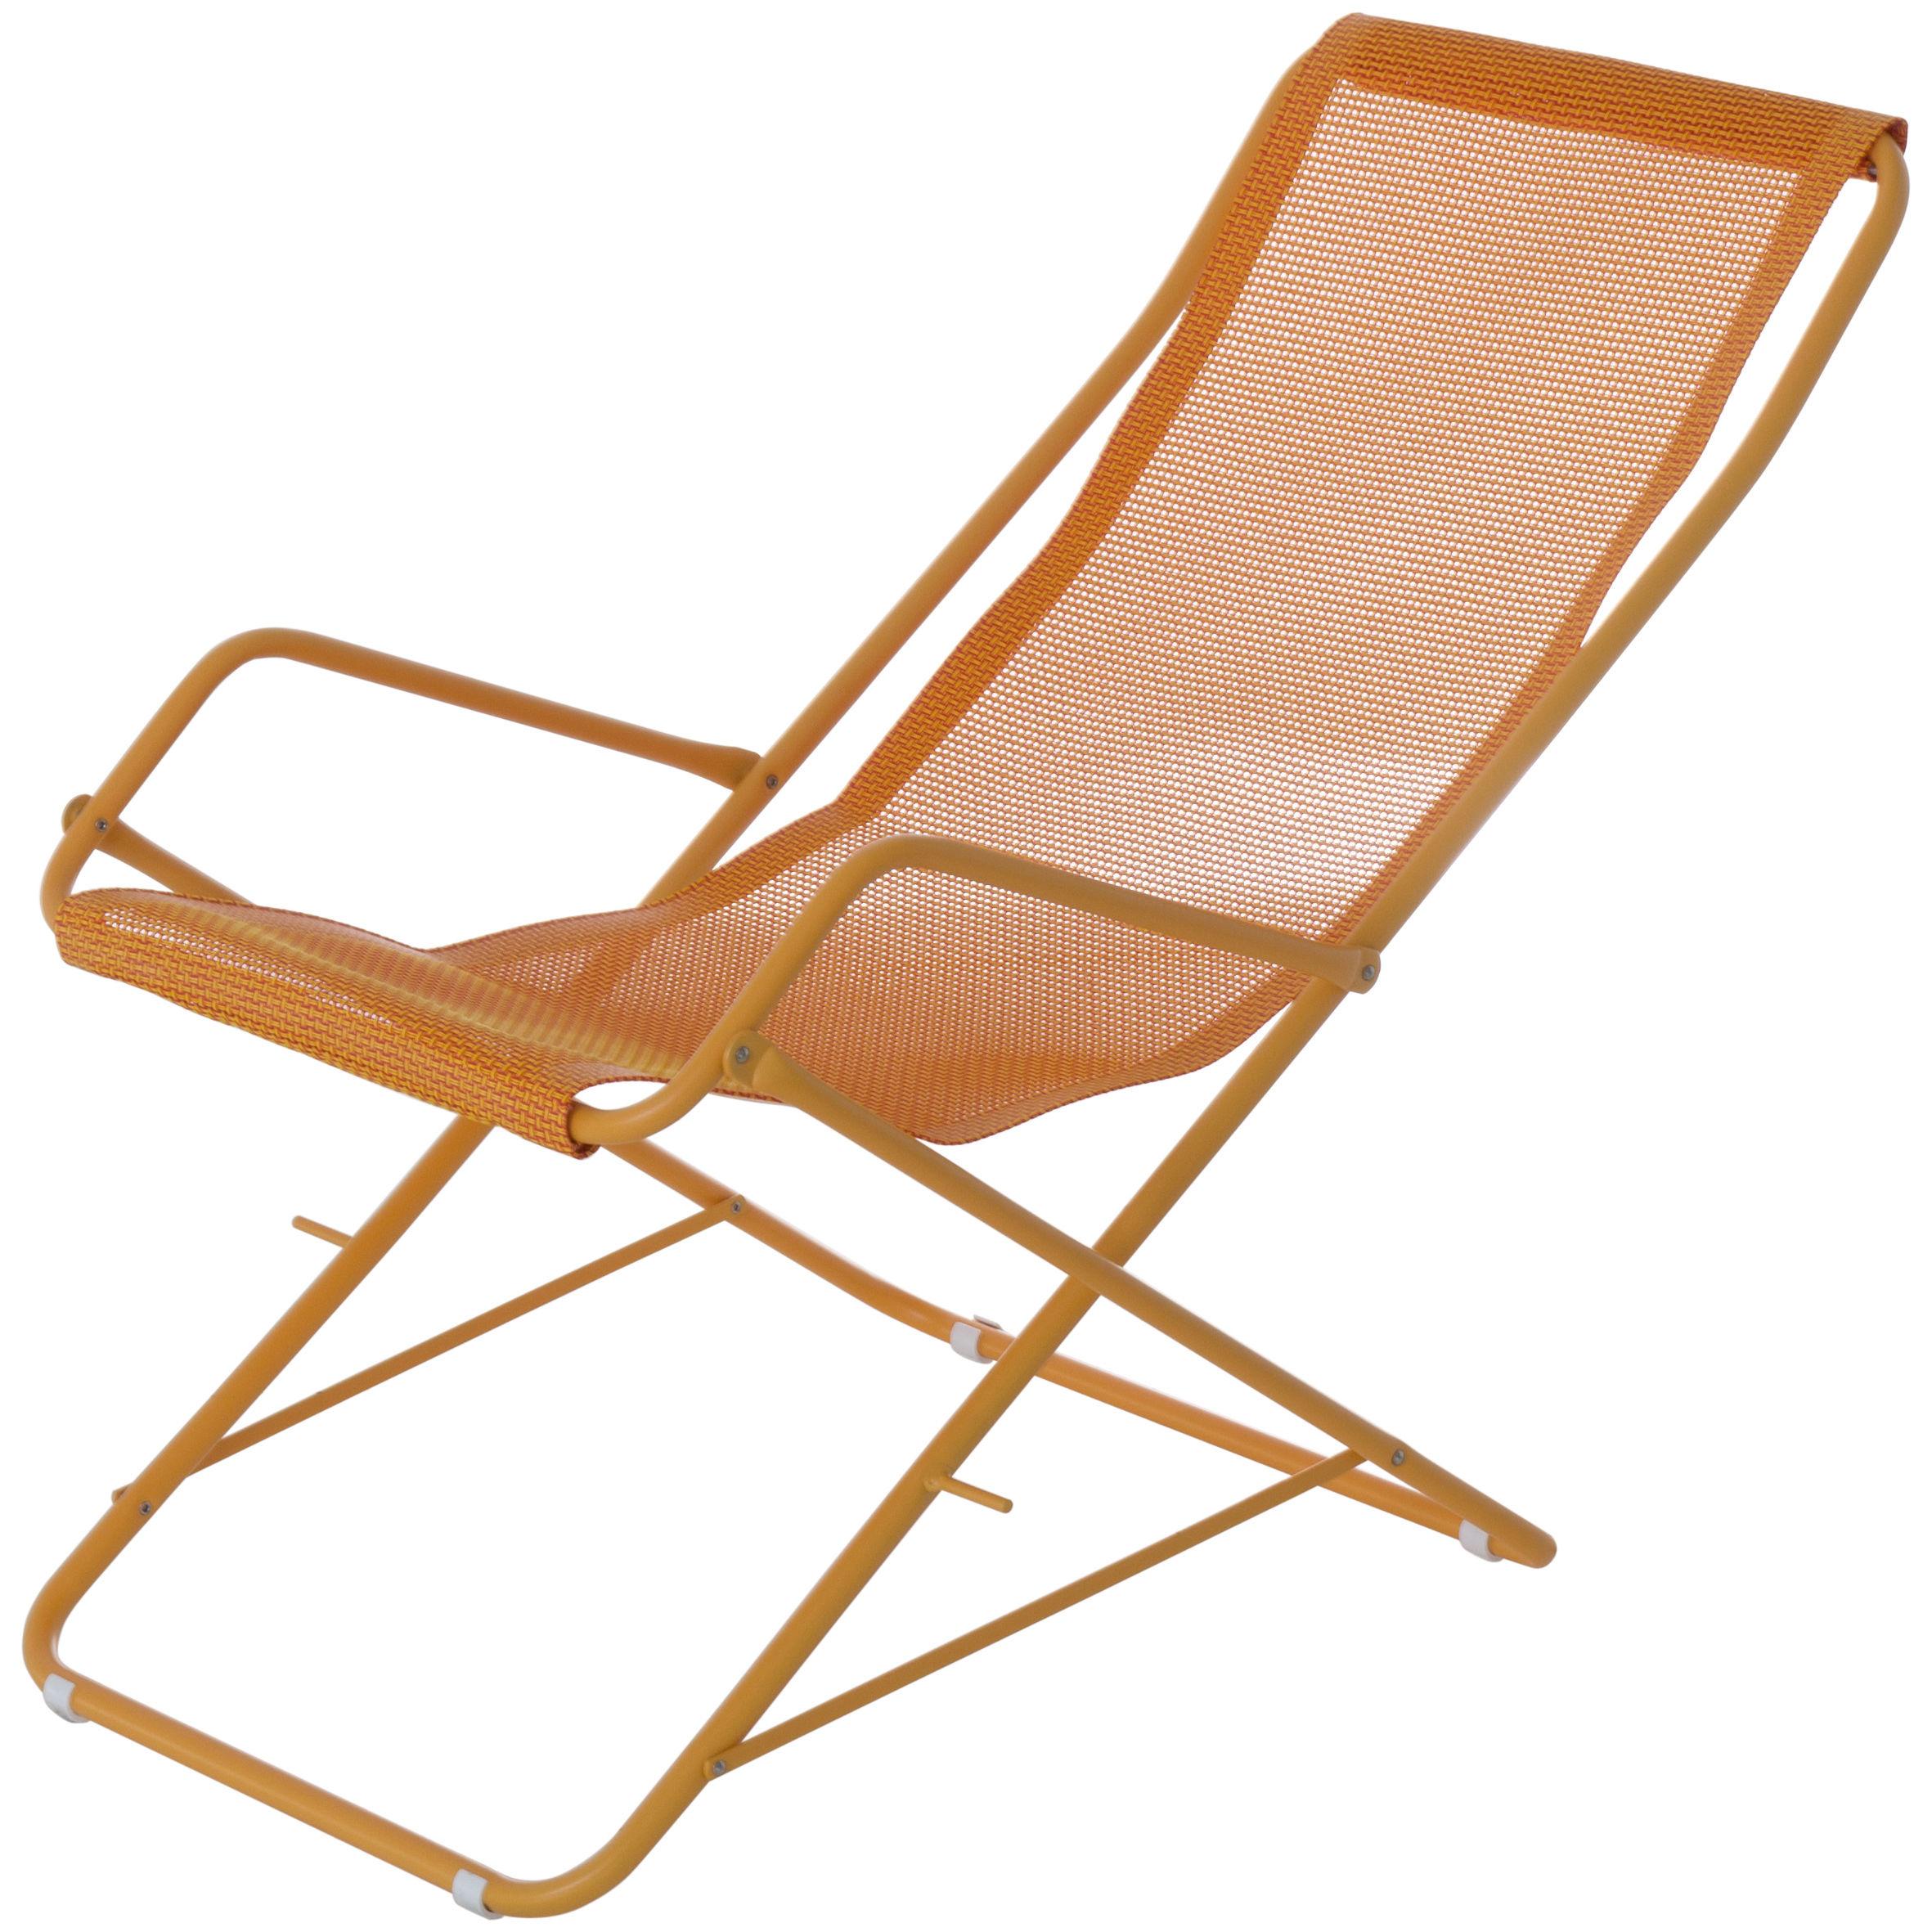 Outdoor - Sedie e Amache - Chaise longue Bahama - / Pieghevole di Emu - Tela arancione / Struttura senape - Acciaio verniciato, Tela